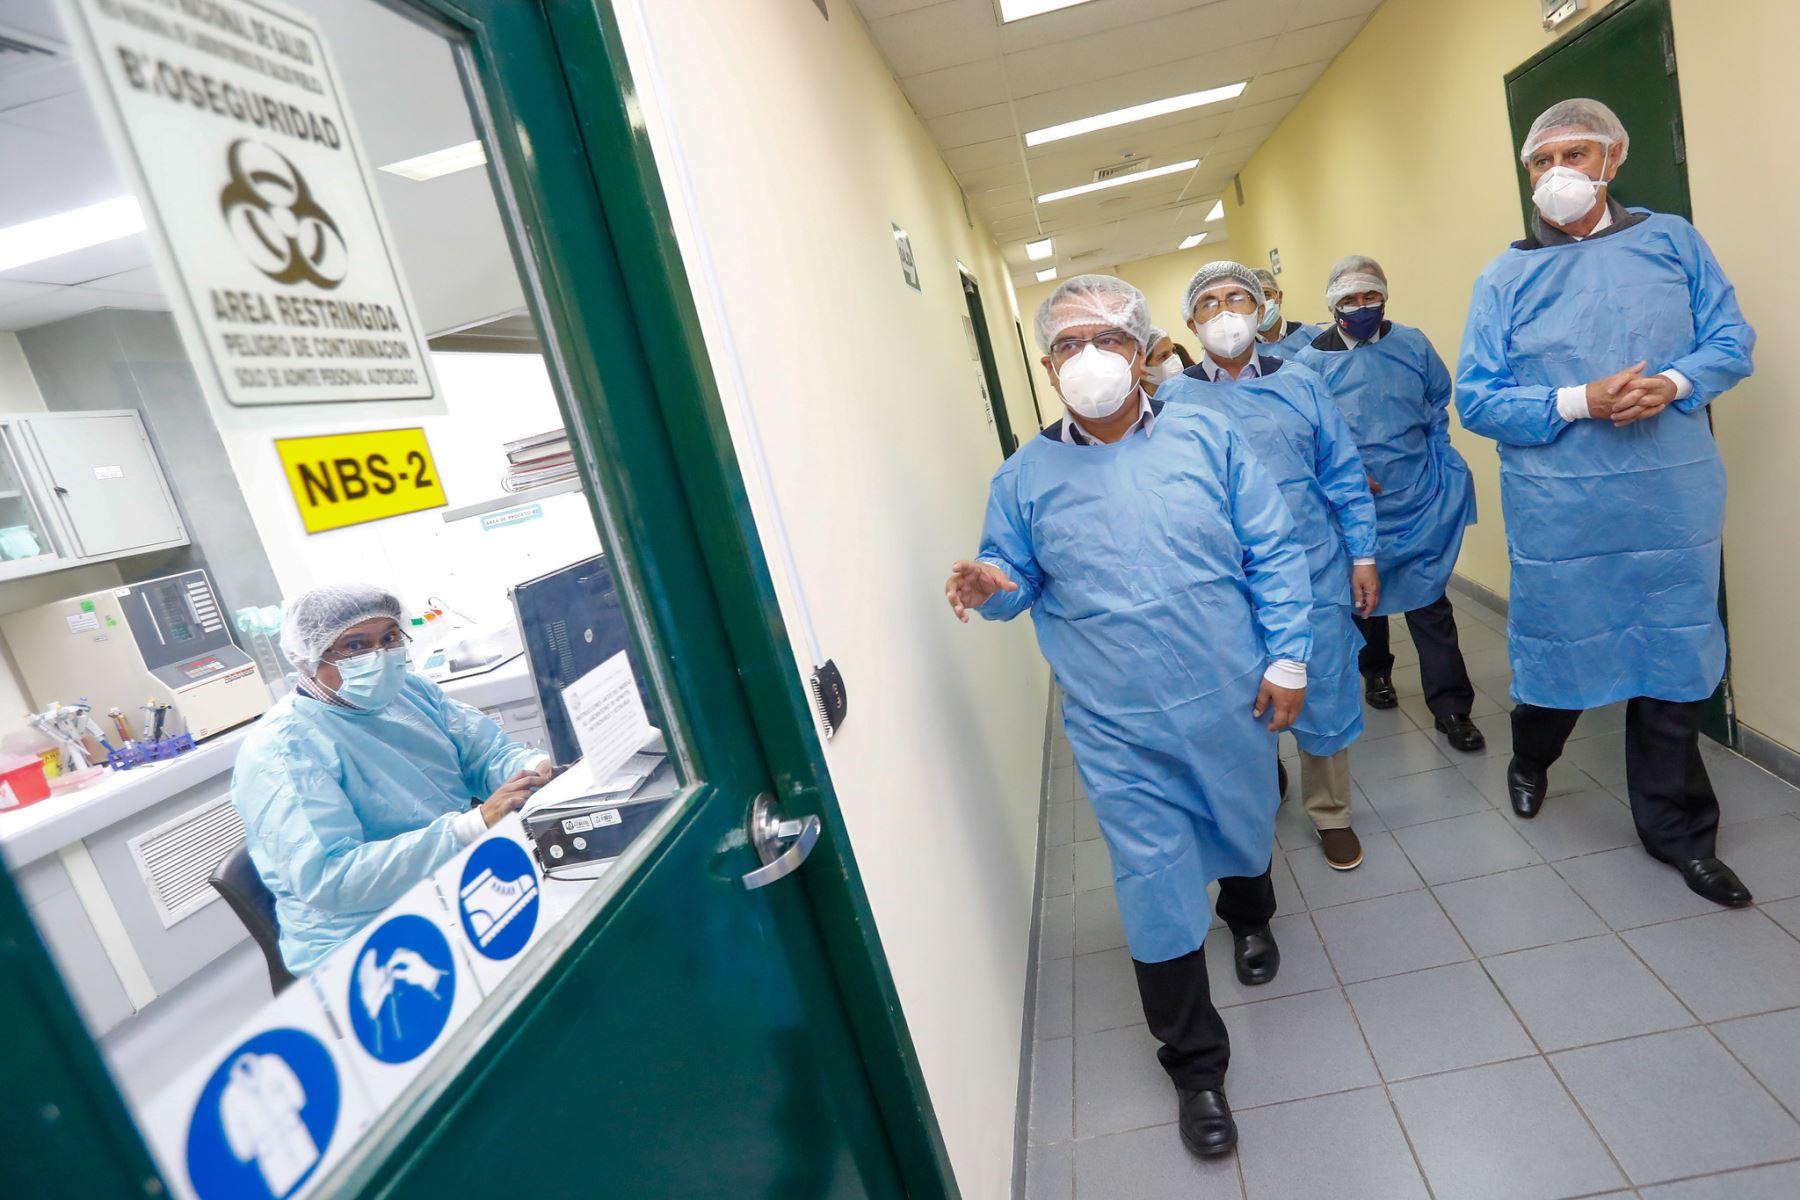 El presidente Francisco Sagasti visita el Laboratorio de Biomedicina del Instituto Nacional de Salud , acompañado por el Ministro de Salud, Óscar Ugarte Ubilluz y el Jefe del Instituto Nacional de Salud, Víctor Suarez Moreno. Foto: ANDINA/Prensa Presidencia